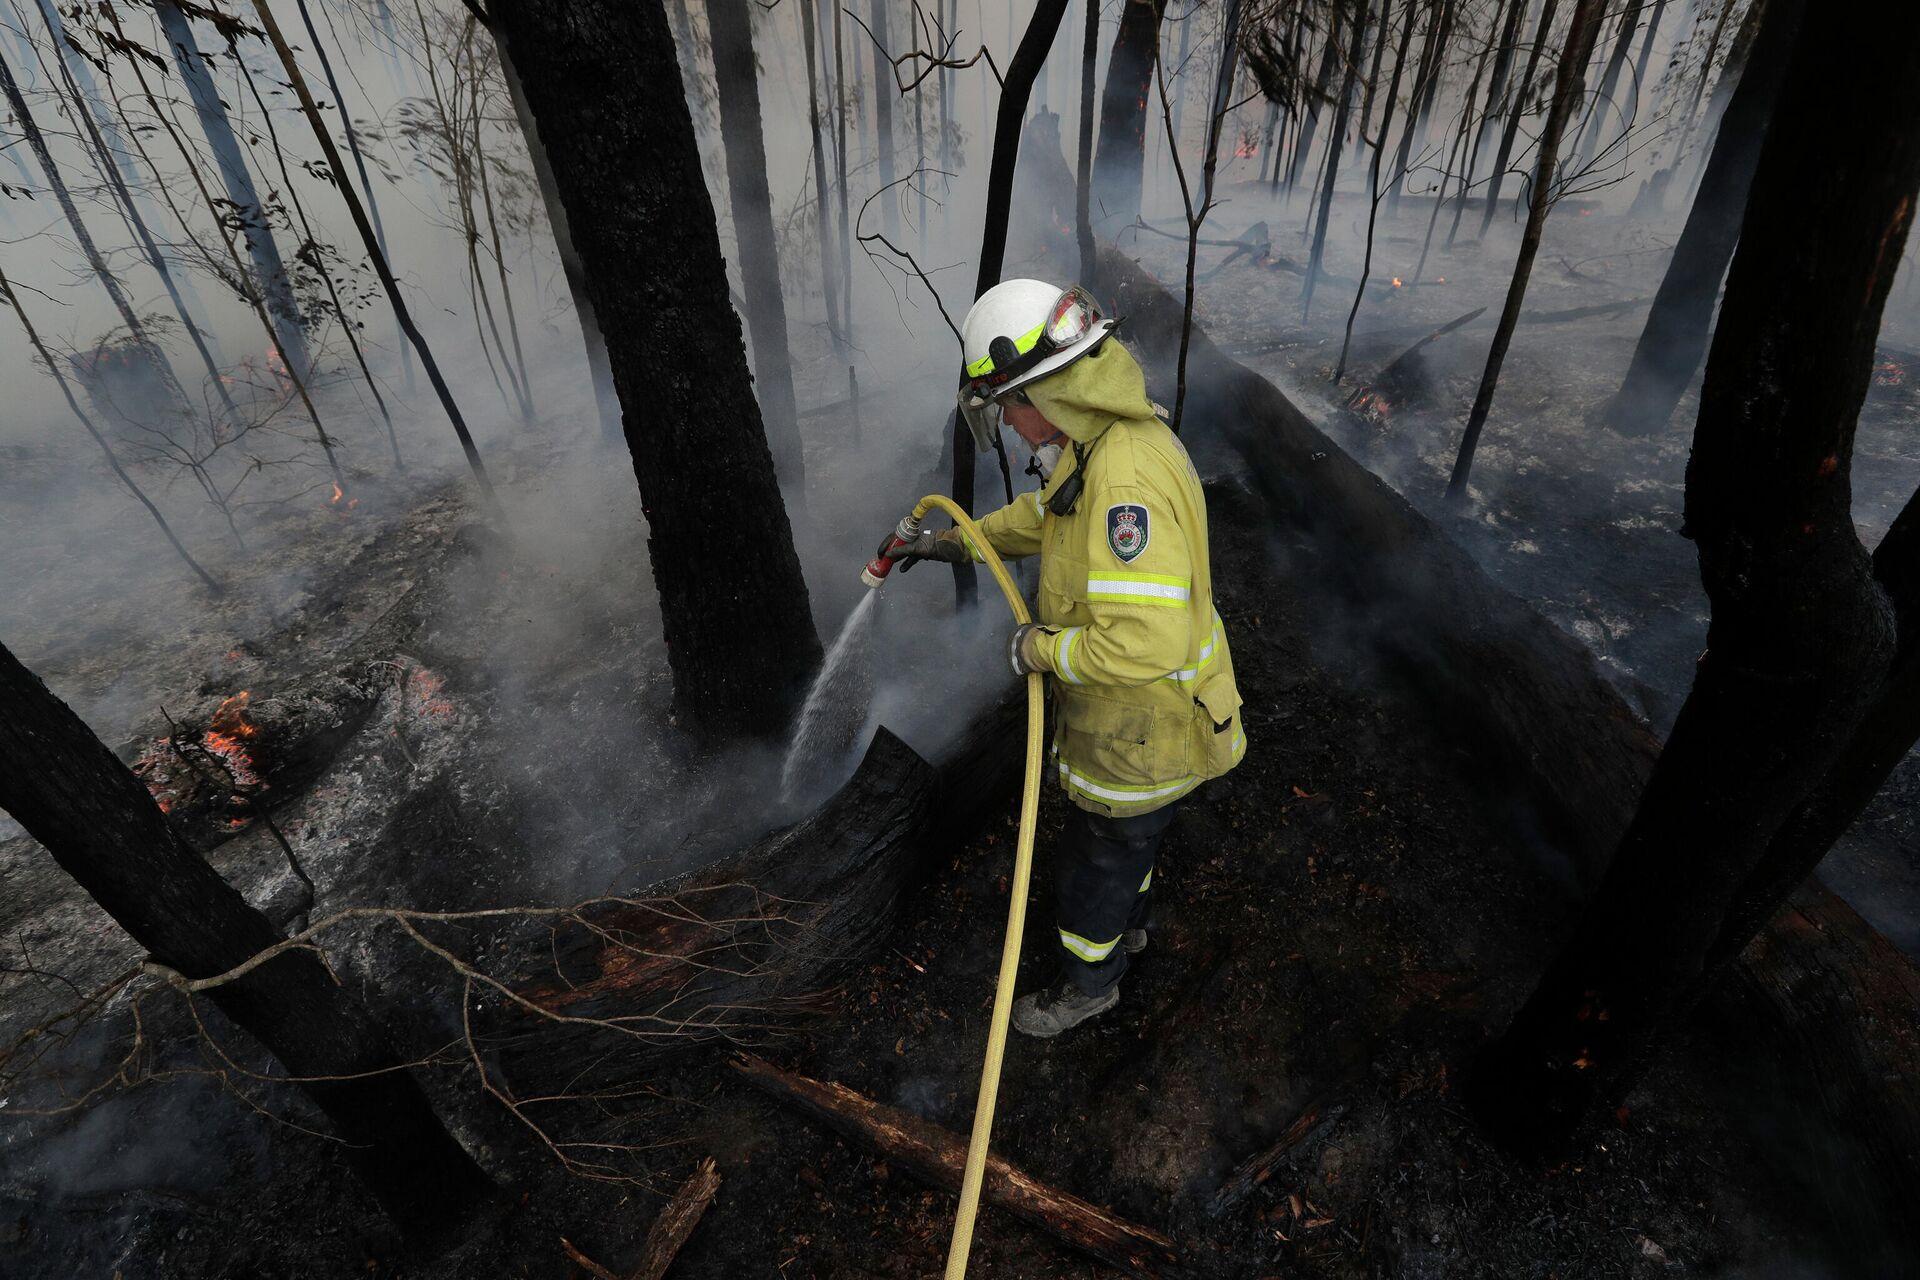 Пожарный среди сгоревшего леса в Австралии - РИА Новости, 1920, 22.12.2020